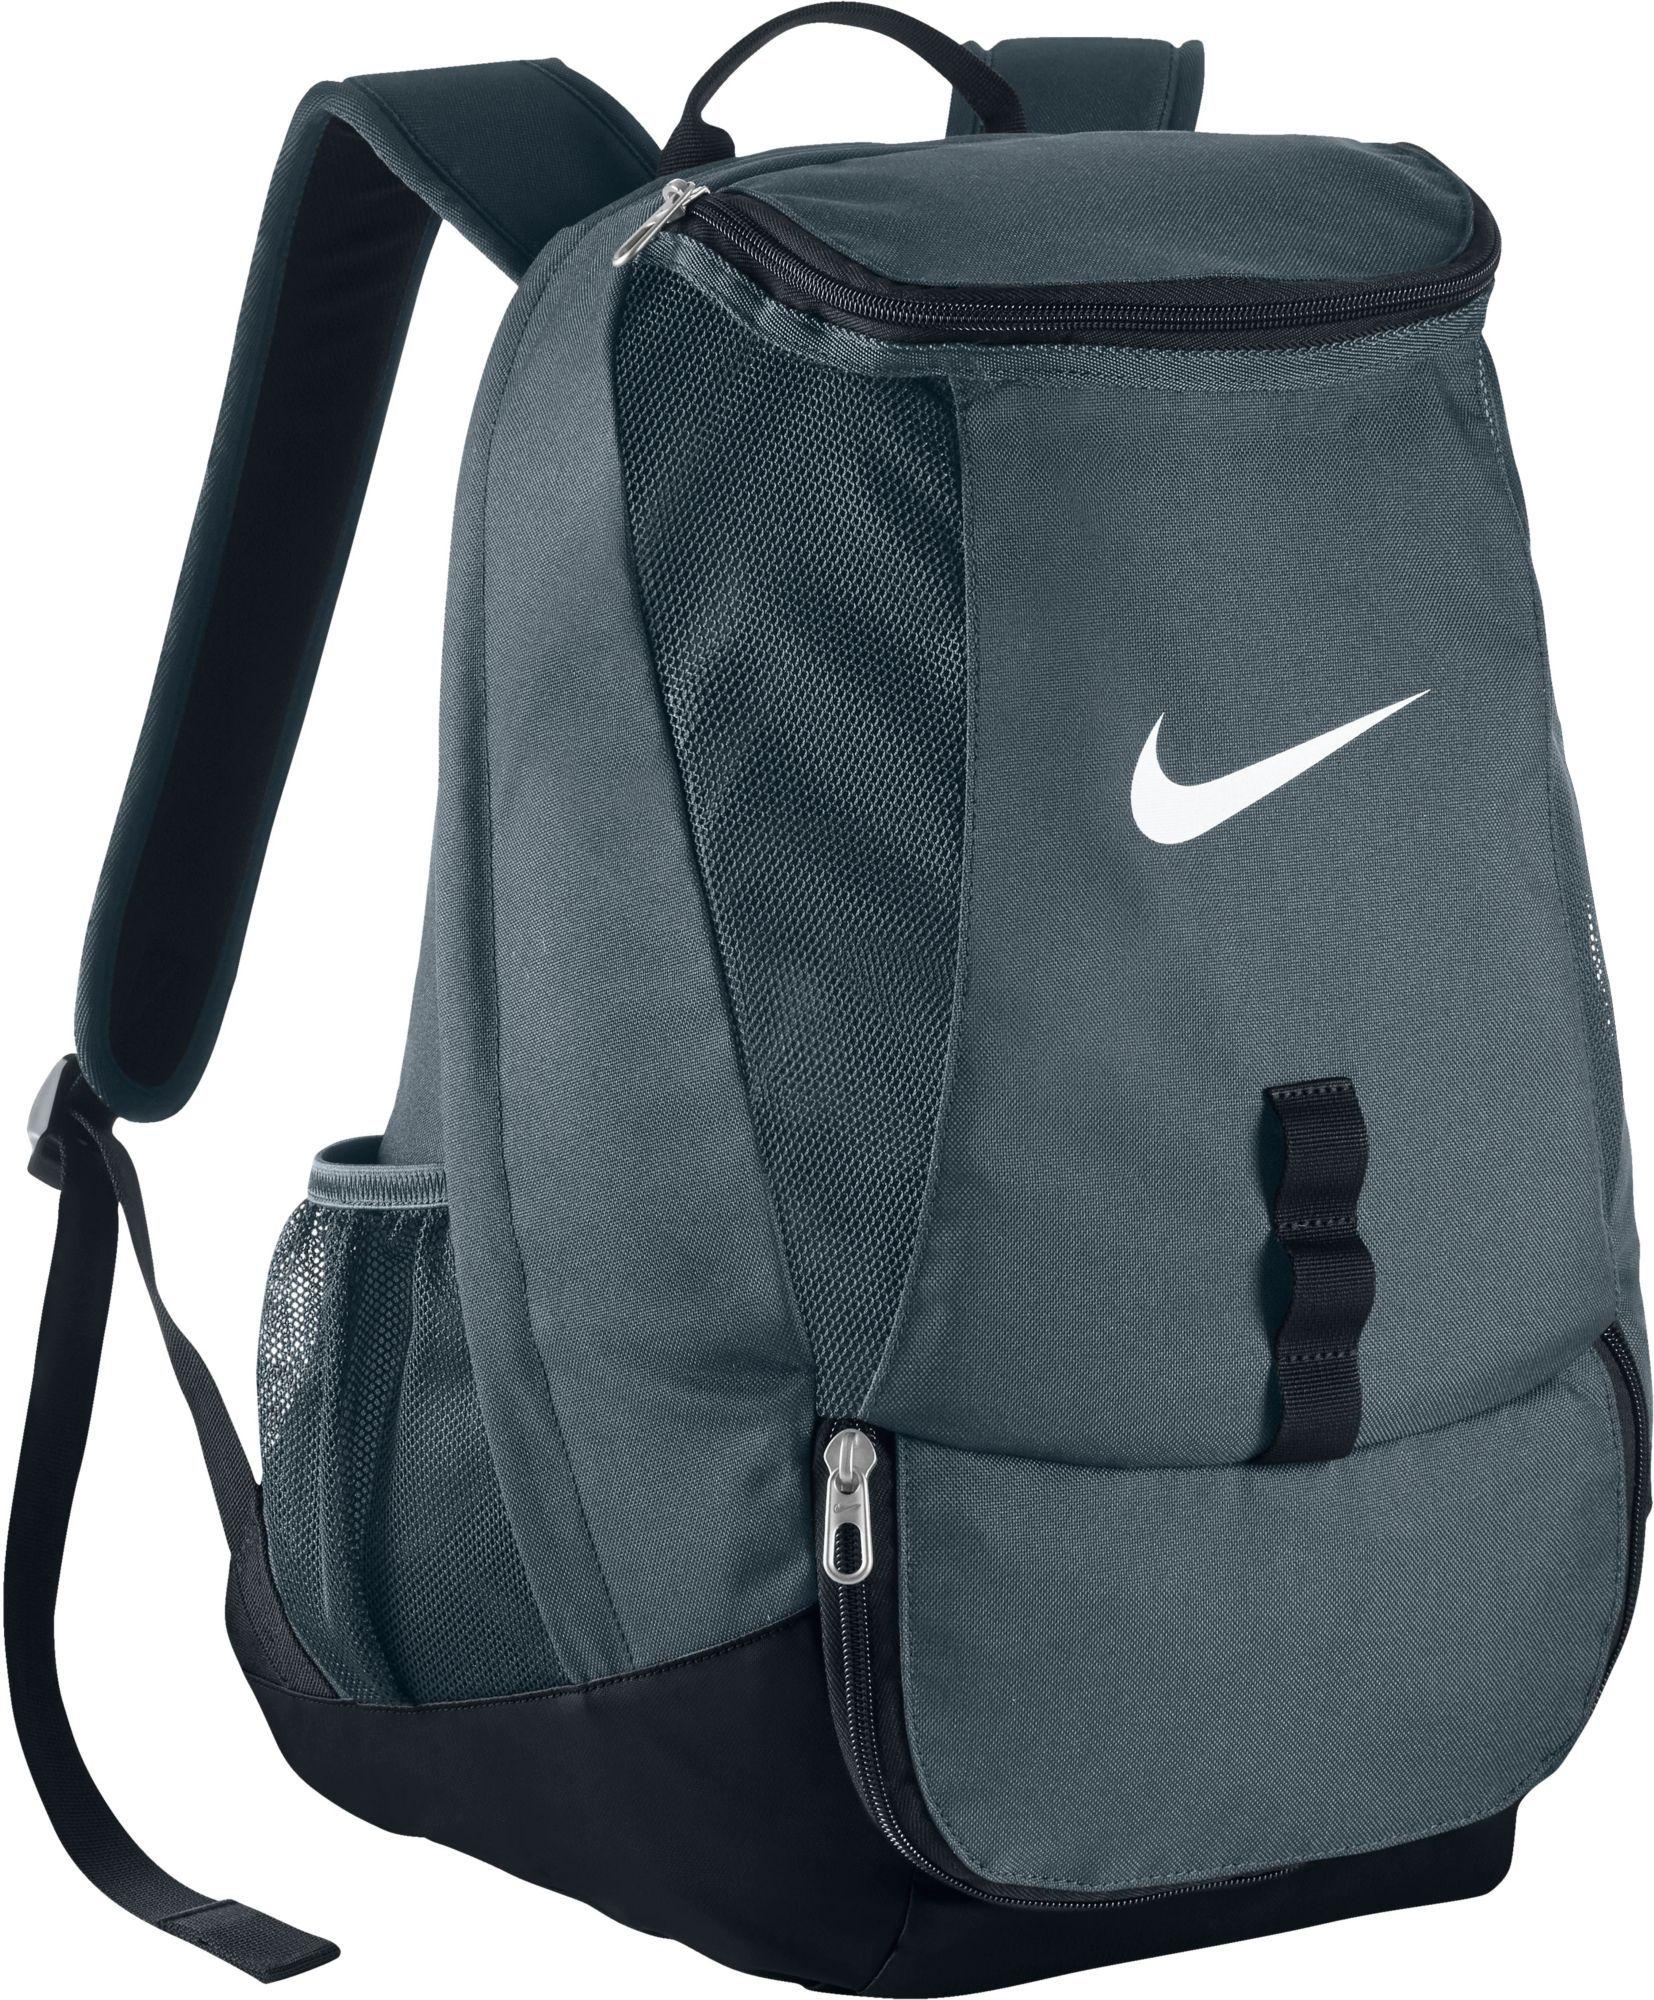 c64ab972448 Nike Club Team Swoosh Soccer Backpack, Gray Nike Club Team Swoosh Soccer  Backpack Basketball Equipment